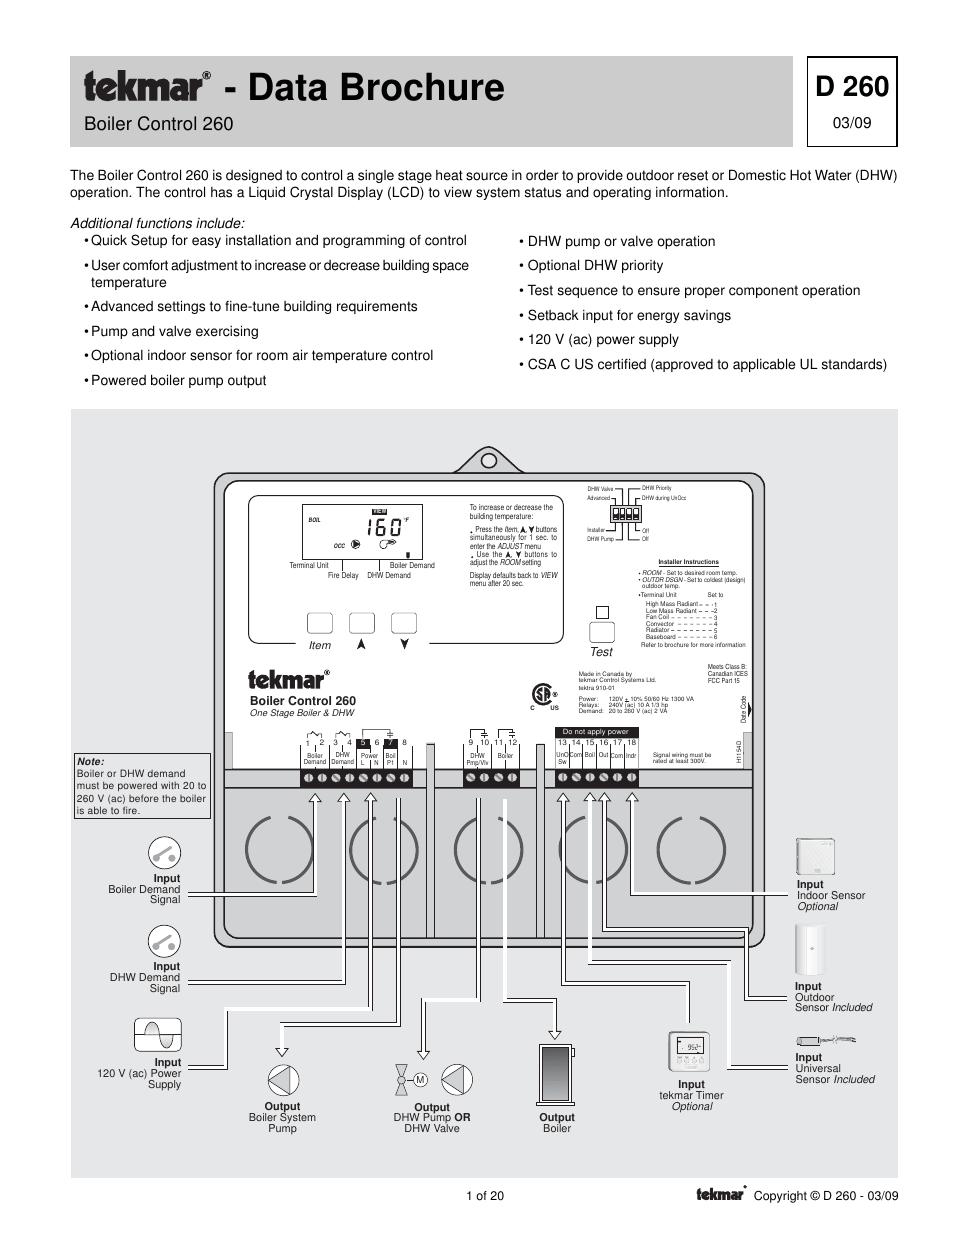 medium resolution of tekmar 260 boiler control user manual 20 pages tekmar wiring diagram tekmar wiring diagram